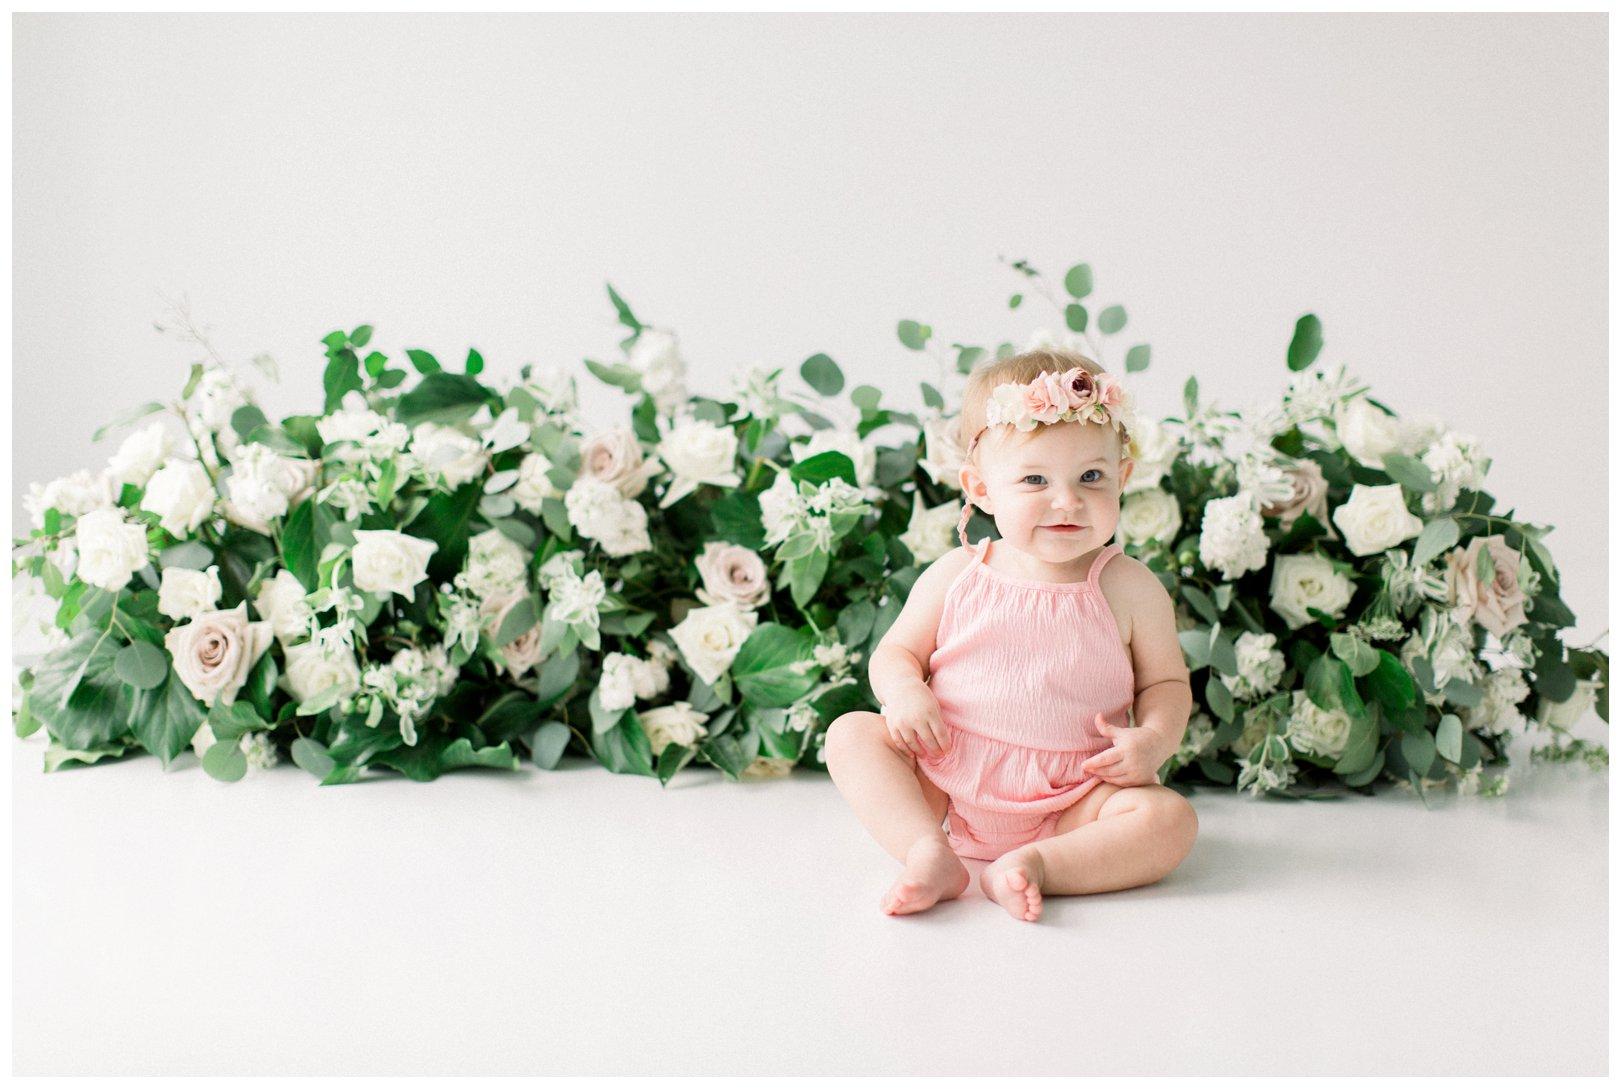 lauren muckler photography_fine art film wedding photography_st louis_photography_1493.jpg